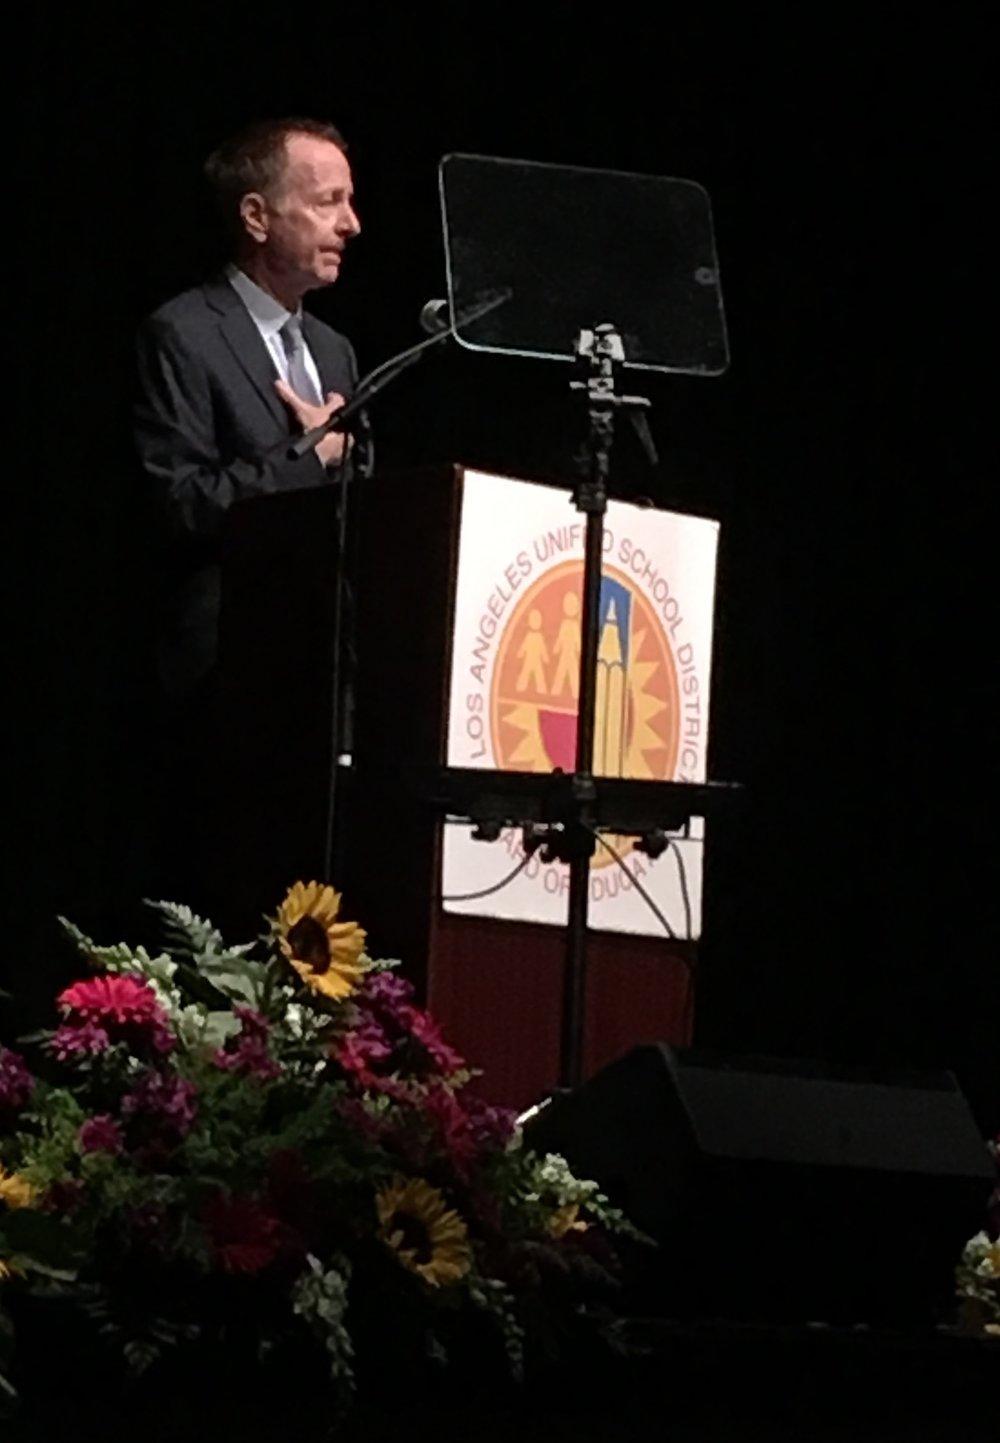 AUSTIN BEUTNER EN el discurso ANUAL Del superintendente para